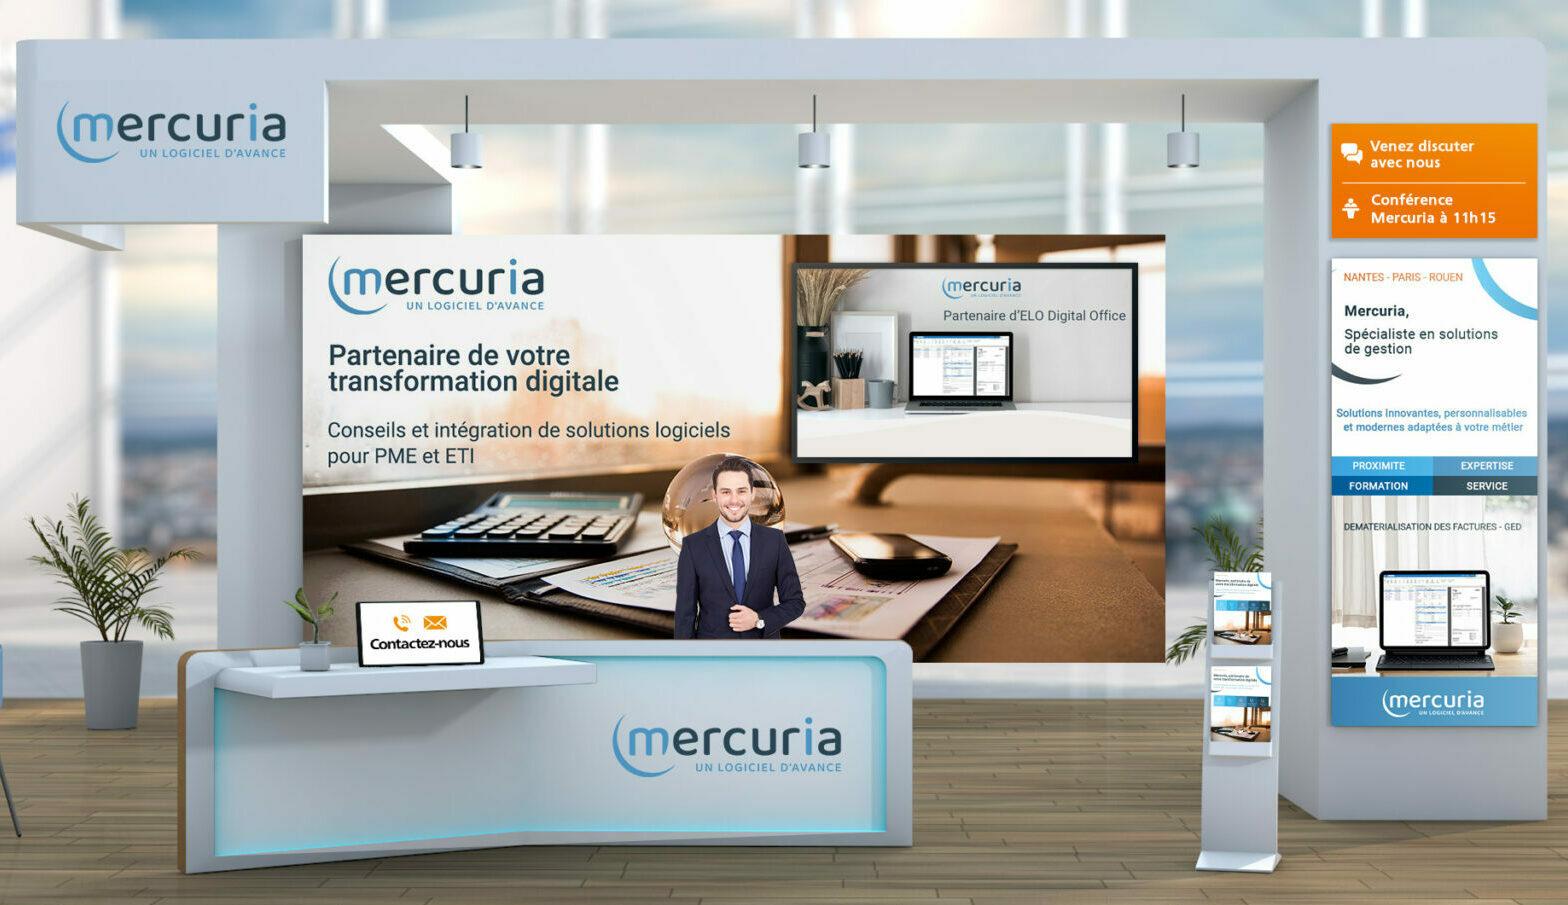 elo_digital_day_2021 mercuria